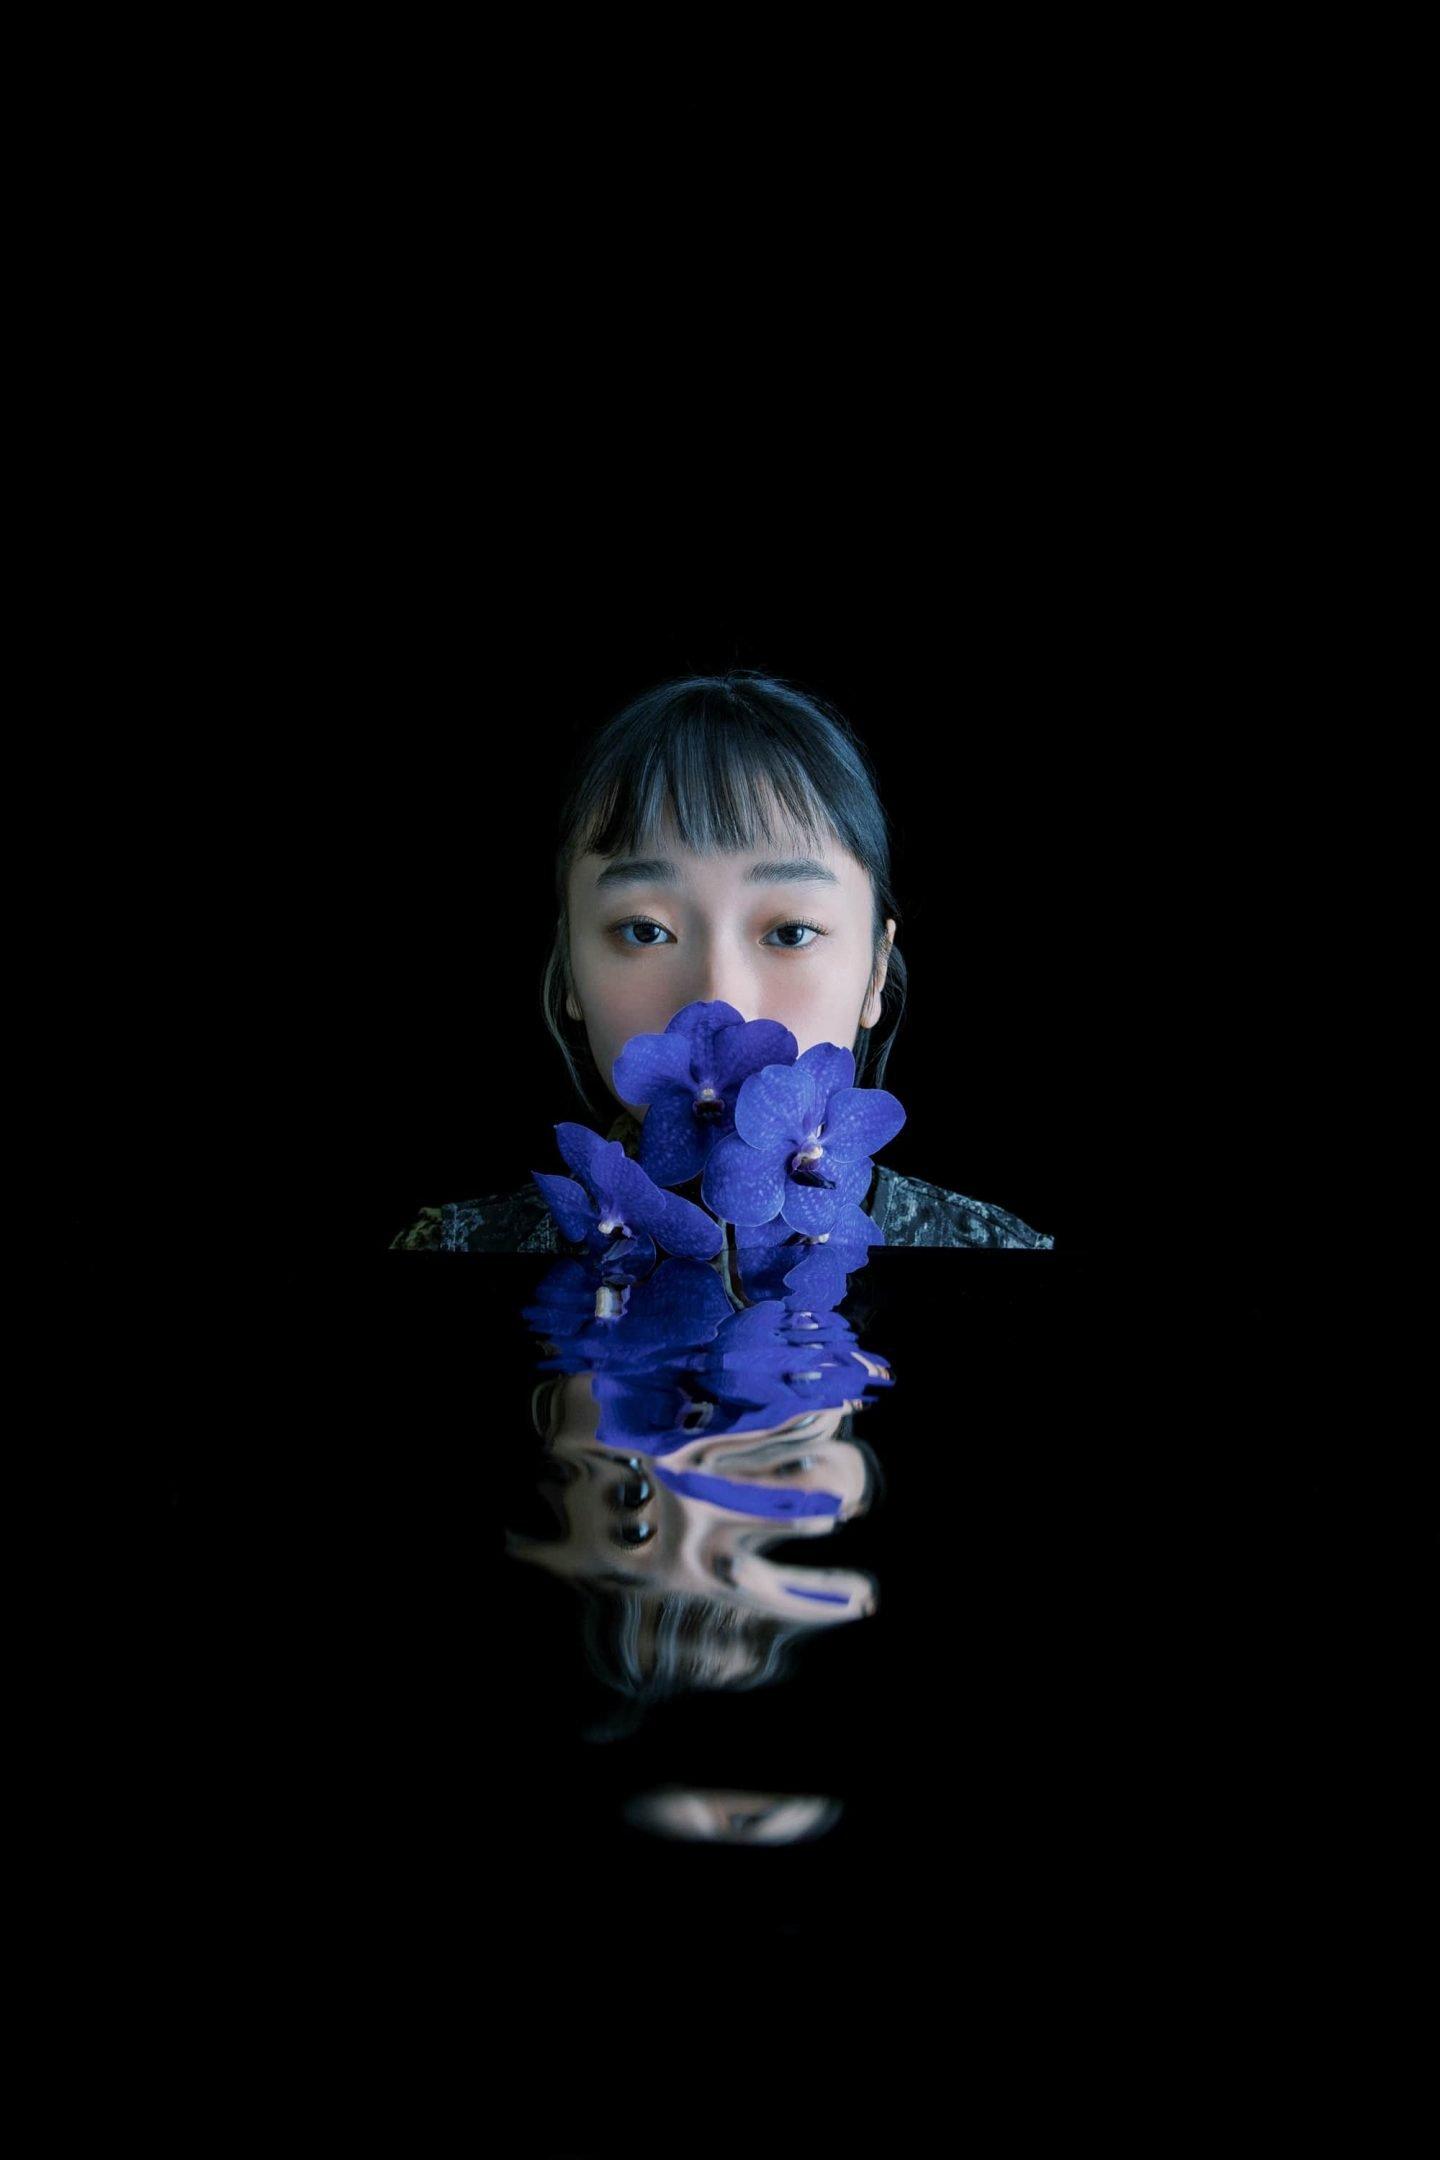 IGNANT-Photography-Zhang-Ahuei-09